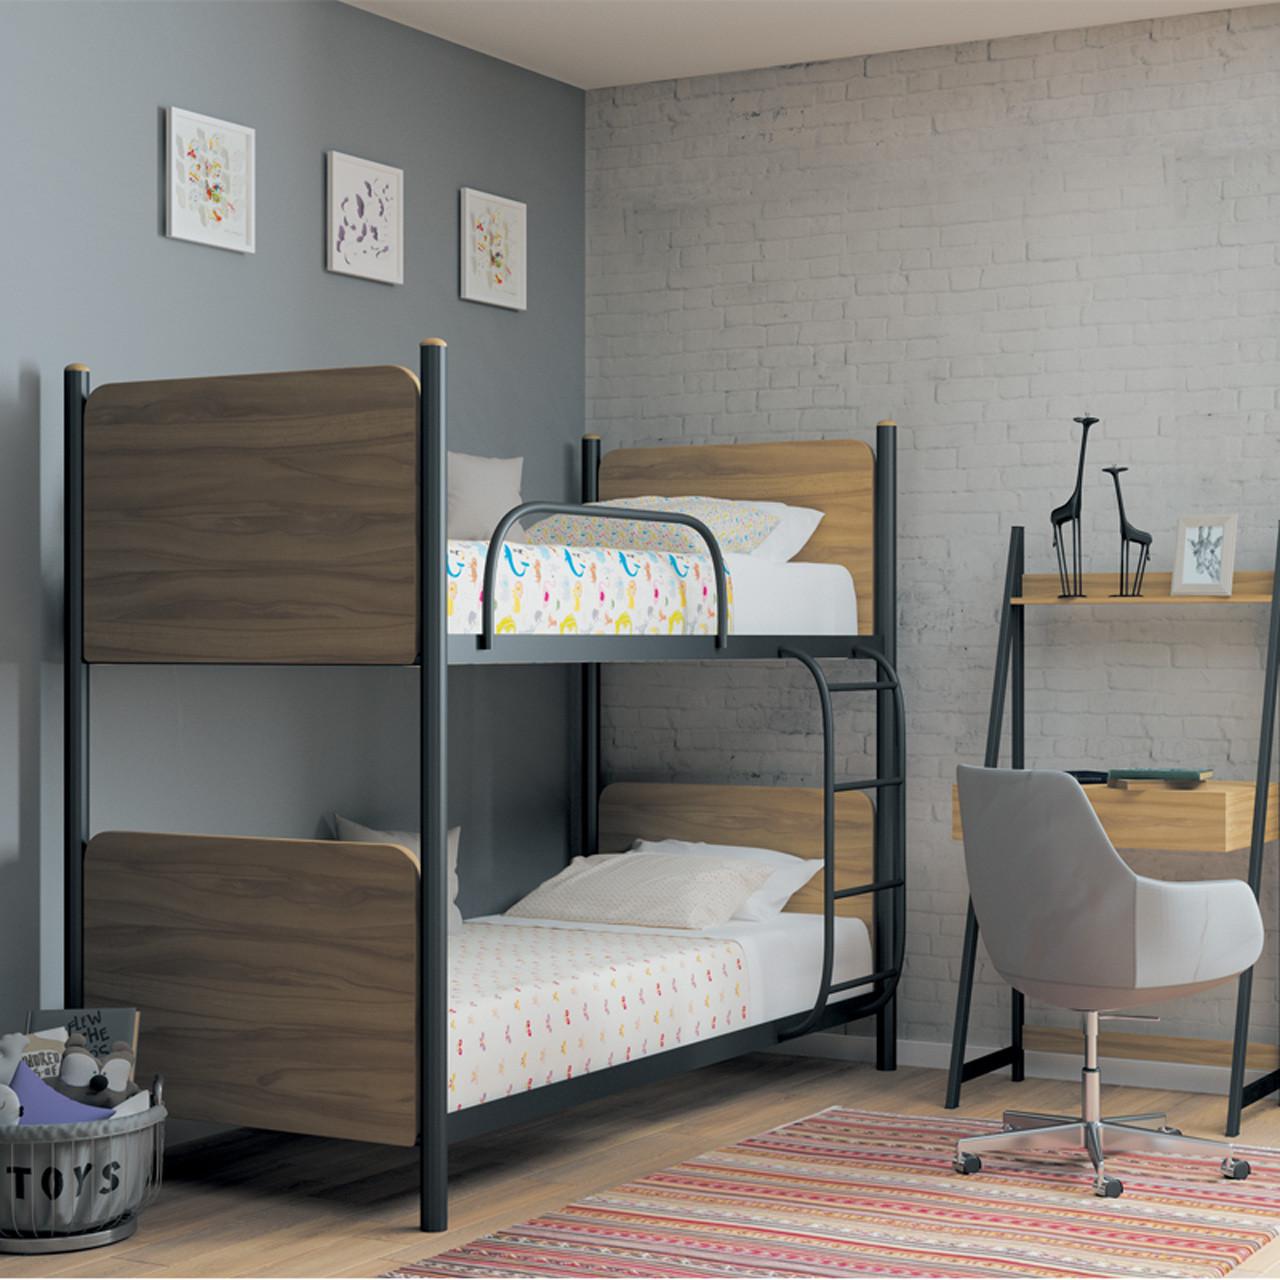 Кровать металлическая двухъярусная Арлекино